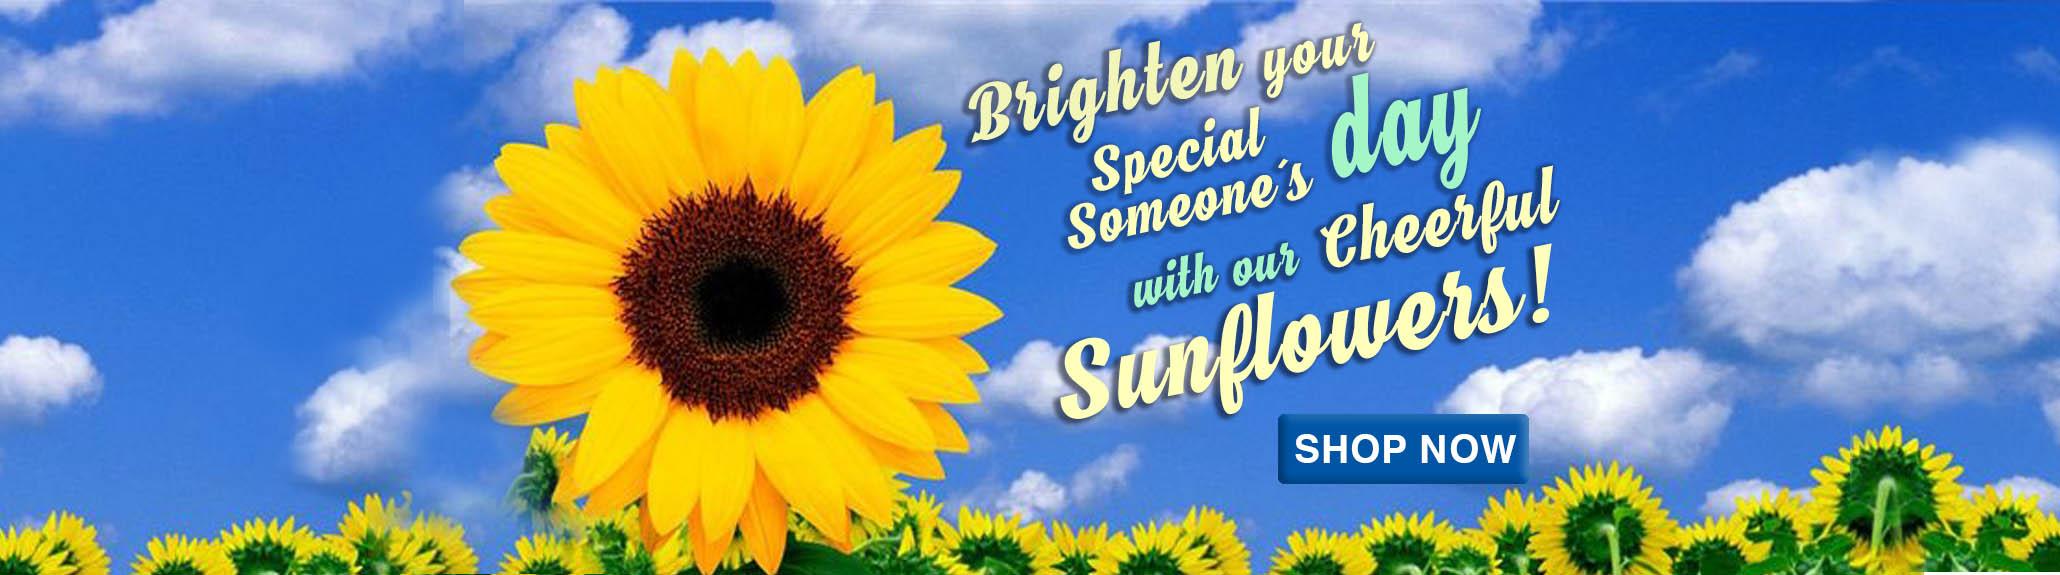 sunflower-banner-philippines.jpg